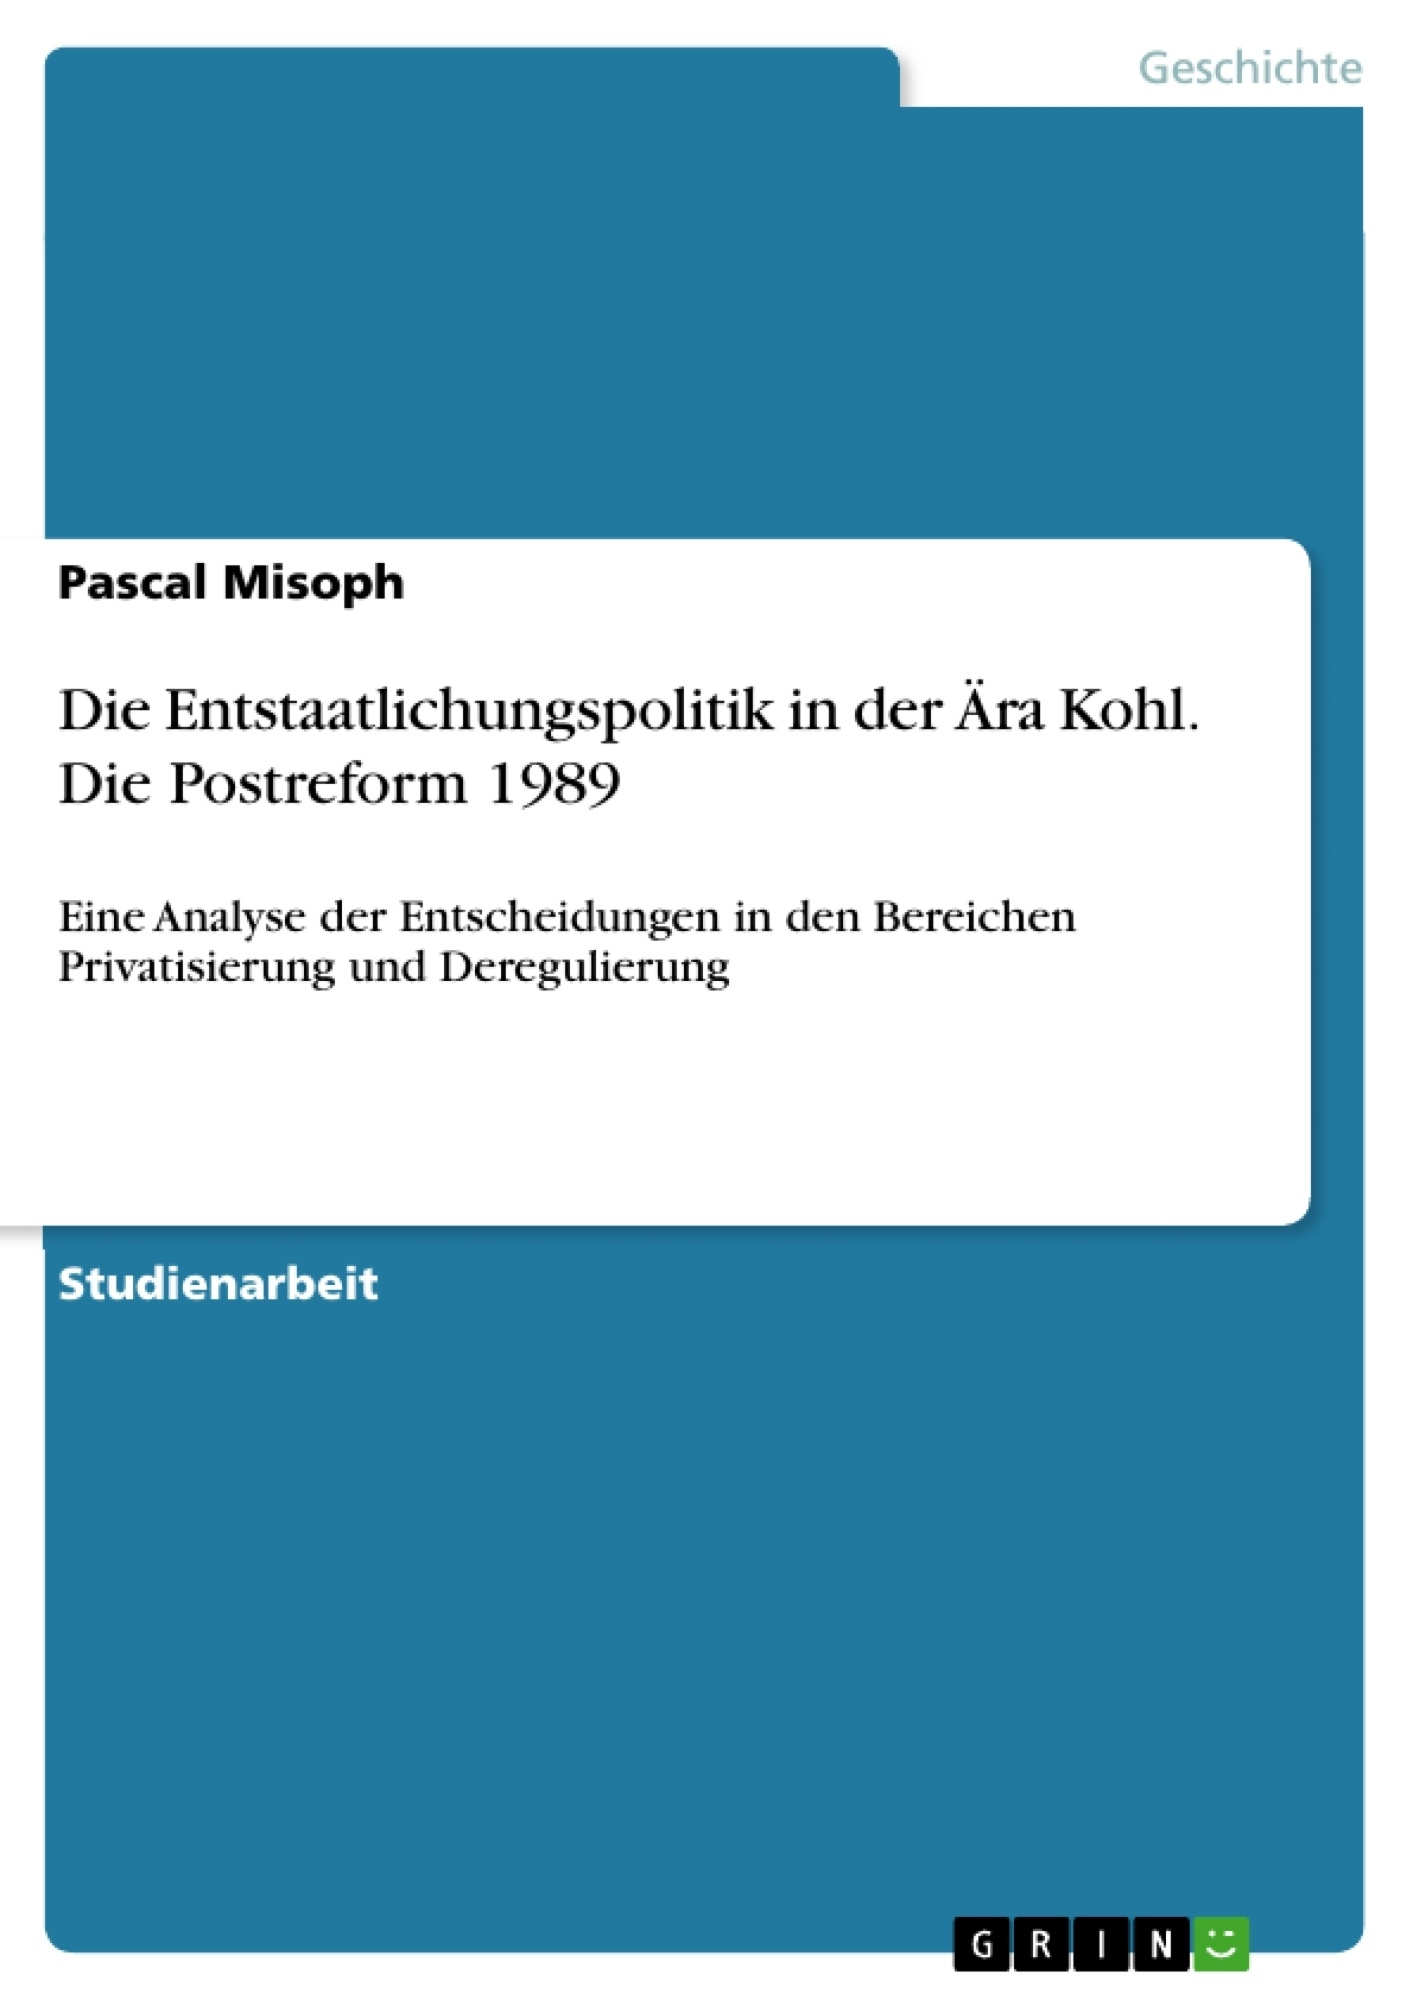 Titel: Die Entstaatlichungspolitik in der Ära Kohl. Die Postreform 1989